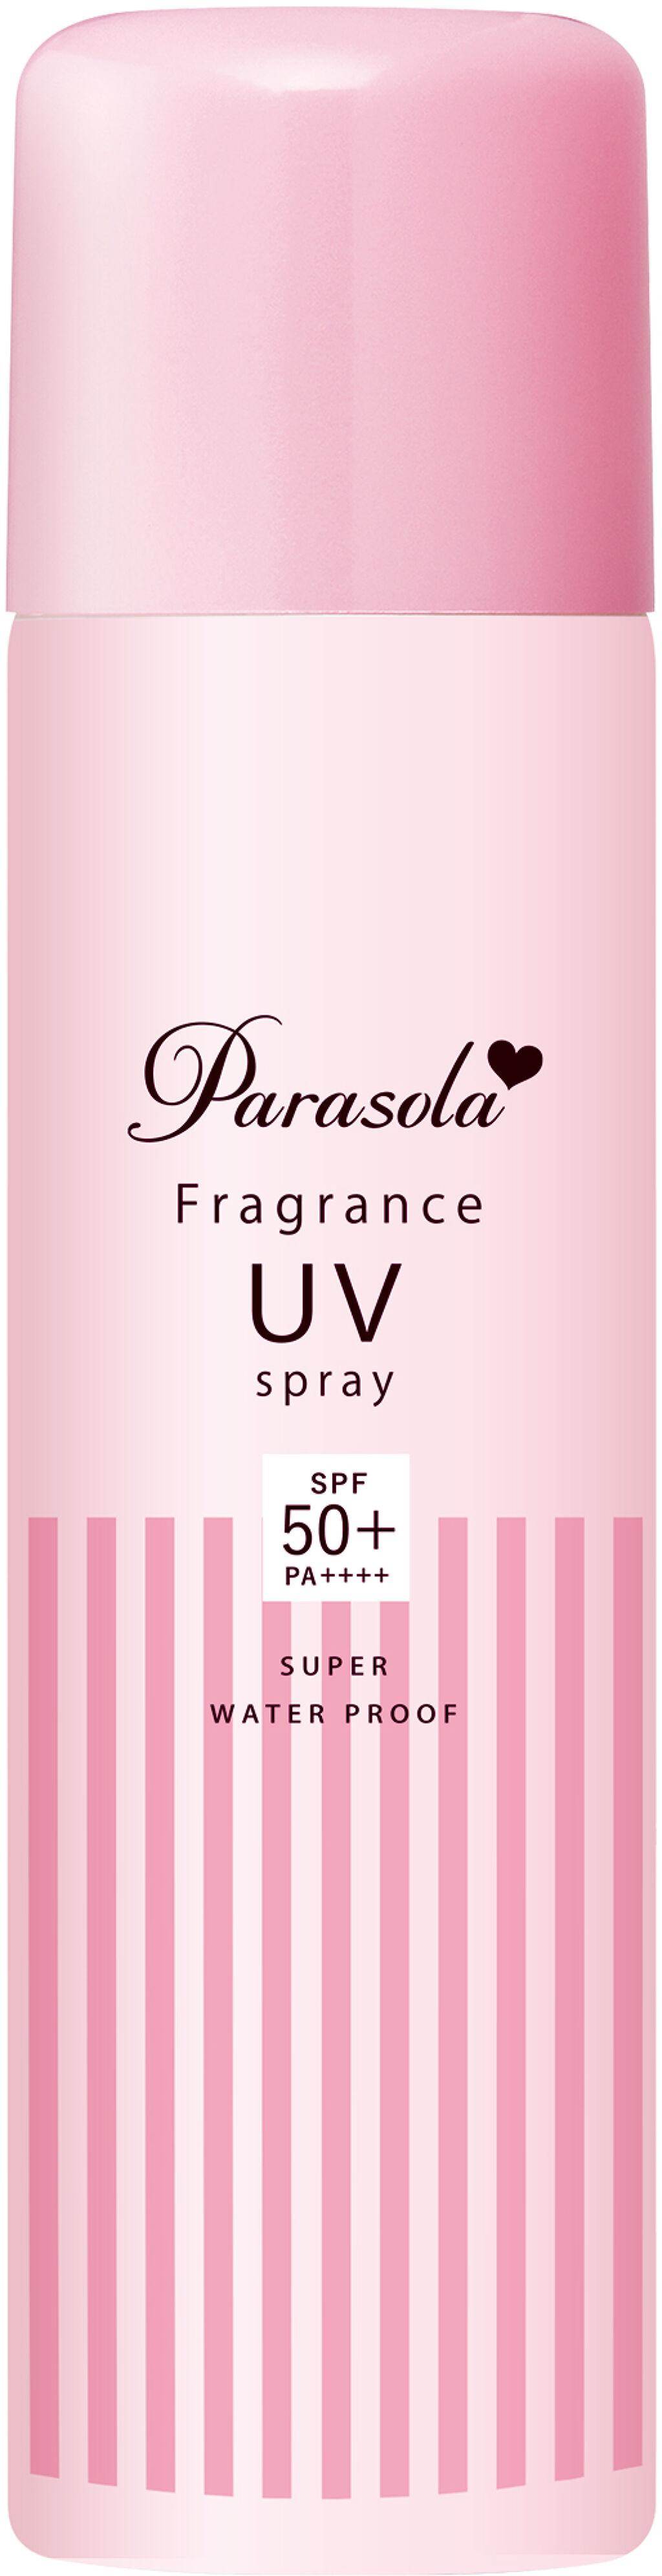 香水みたいな華やかな香り×しっかりUVカット!ホワイトフラワーブーケの香りつきの機能派UVスプレー(3枚目)